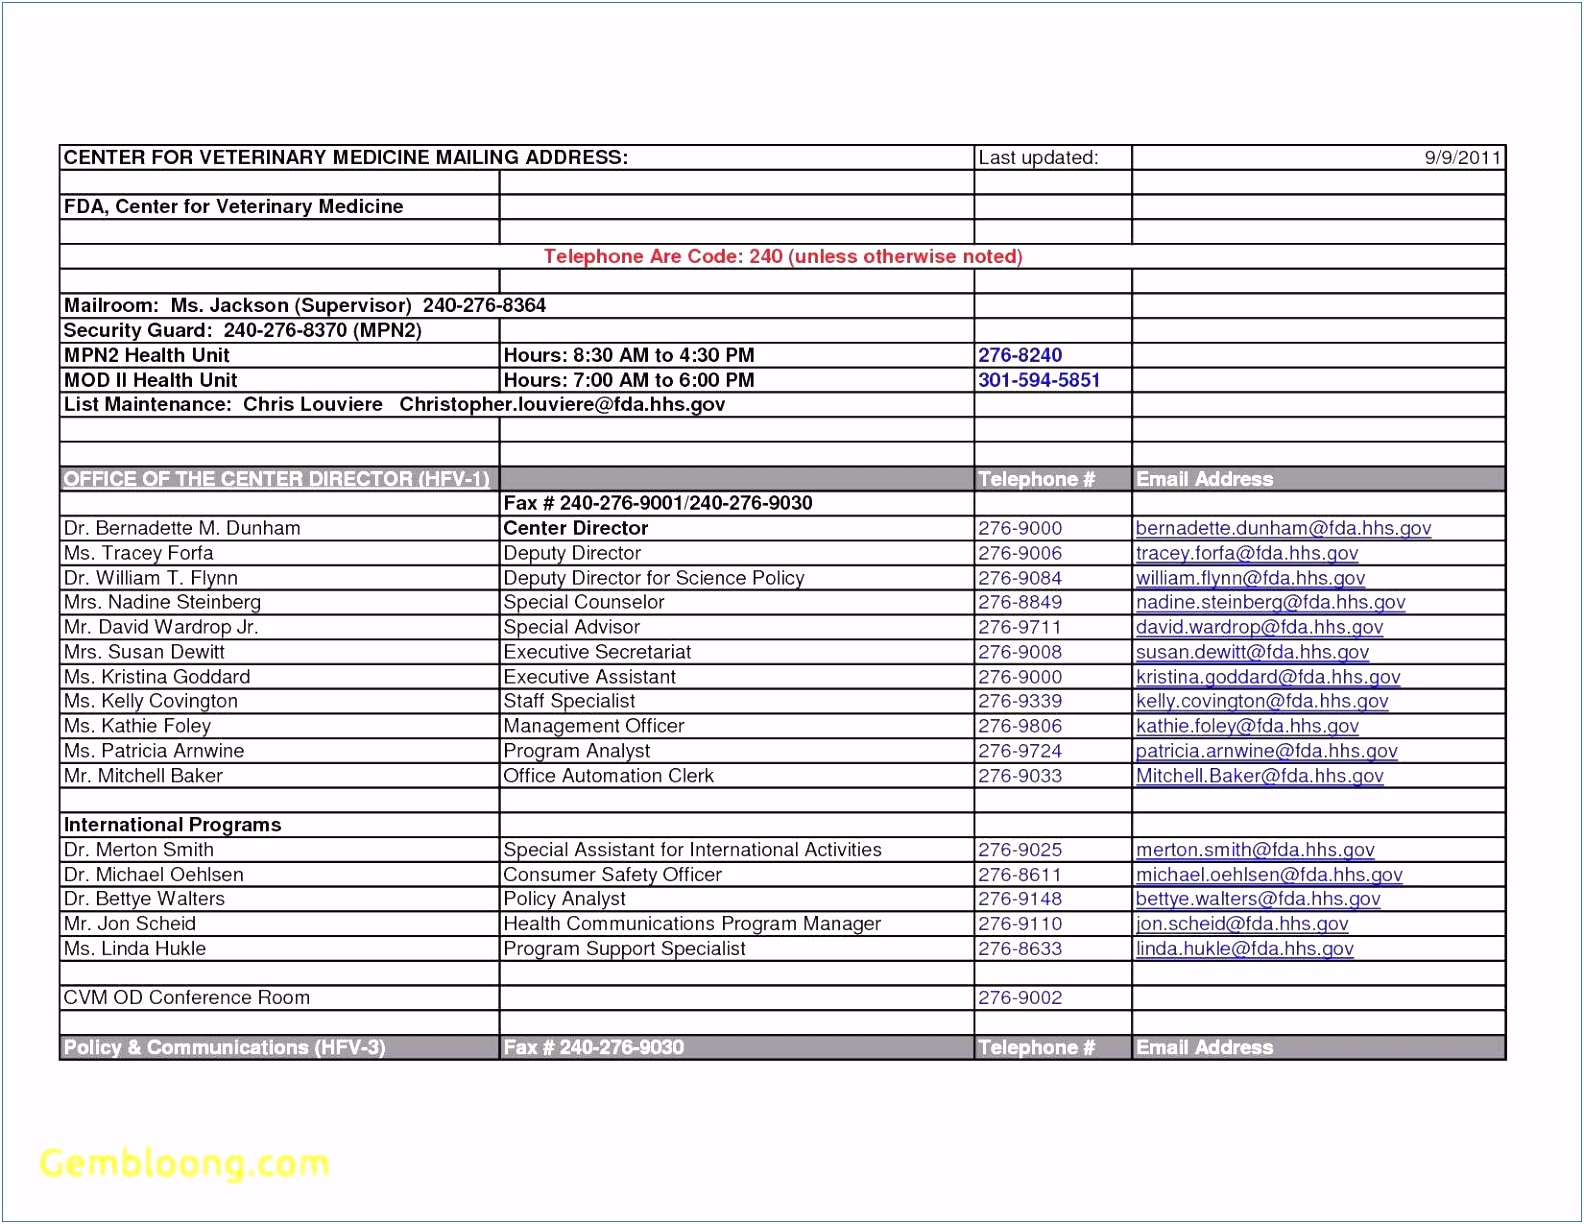 25 Neu Stundenzettel Vorlage Excel